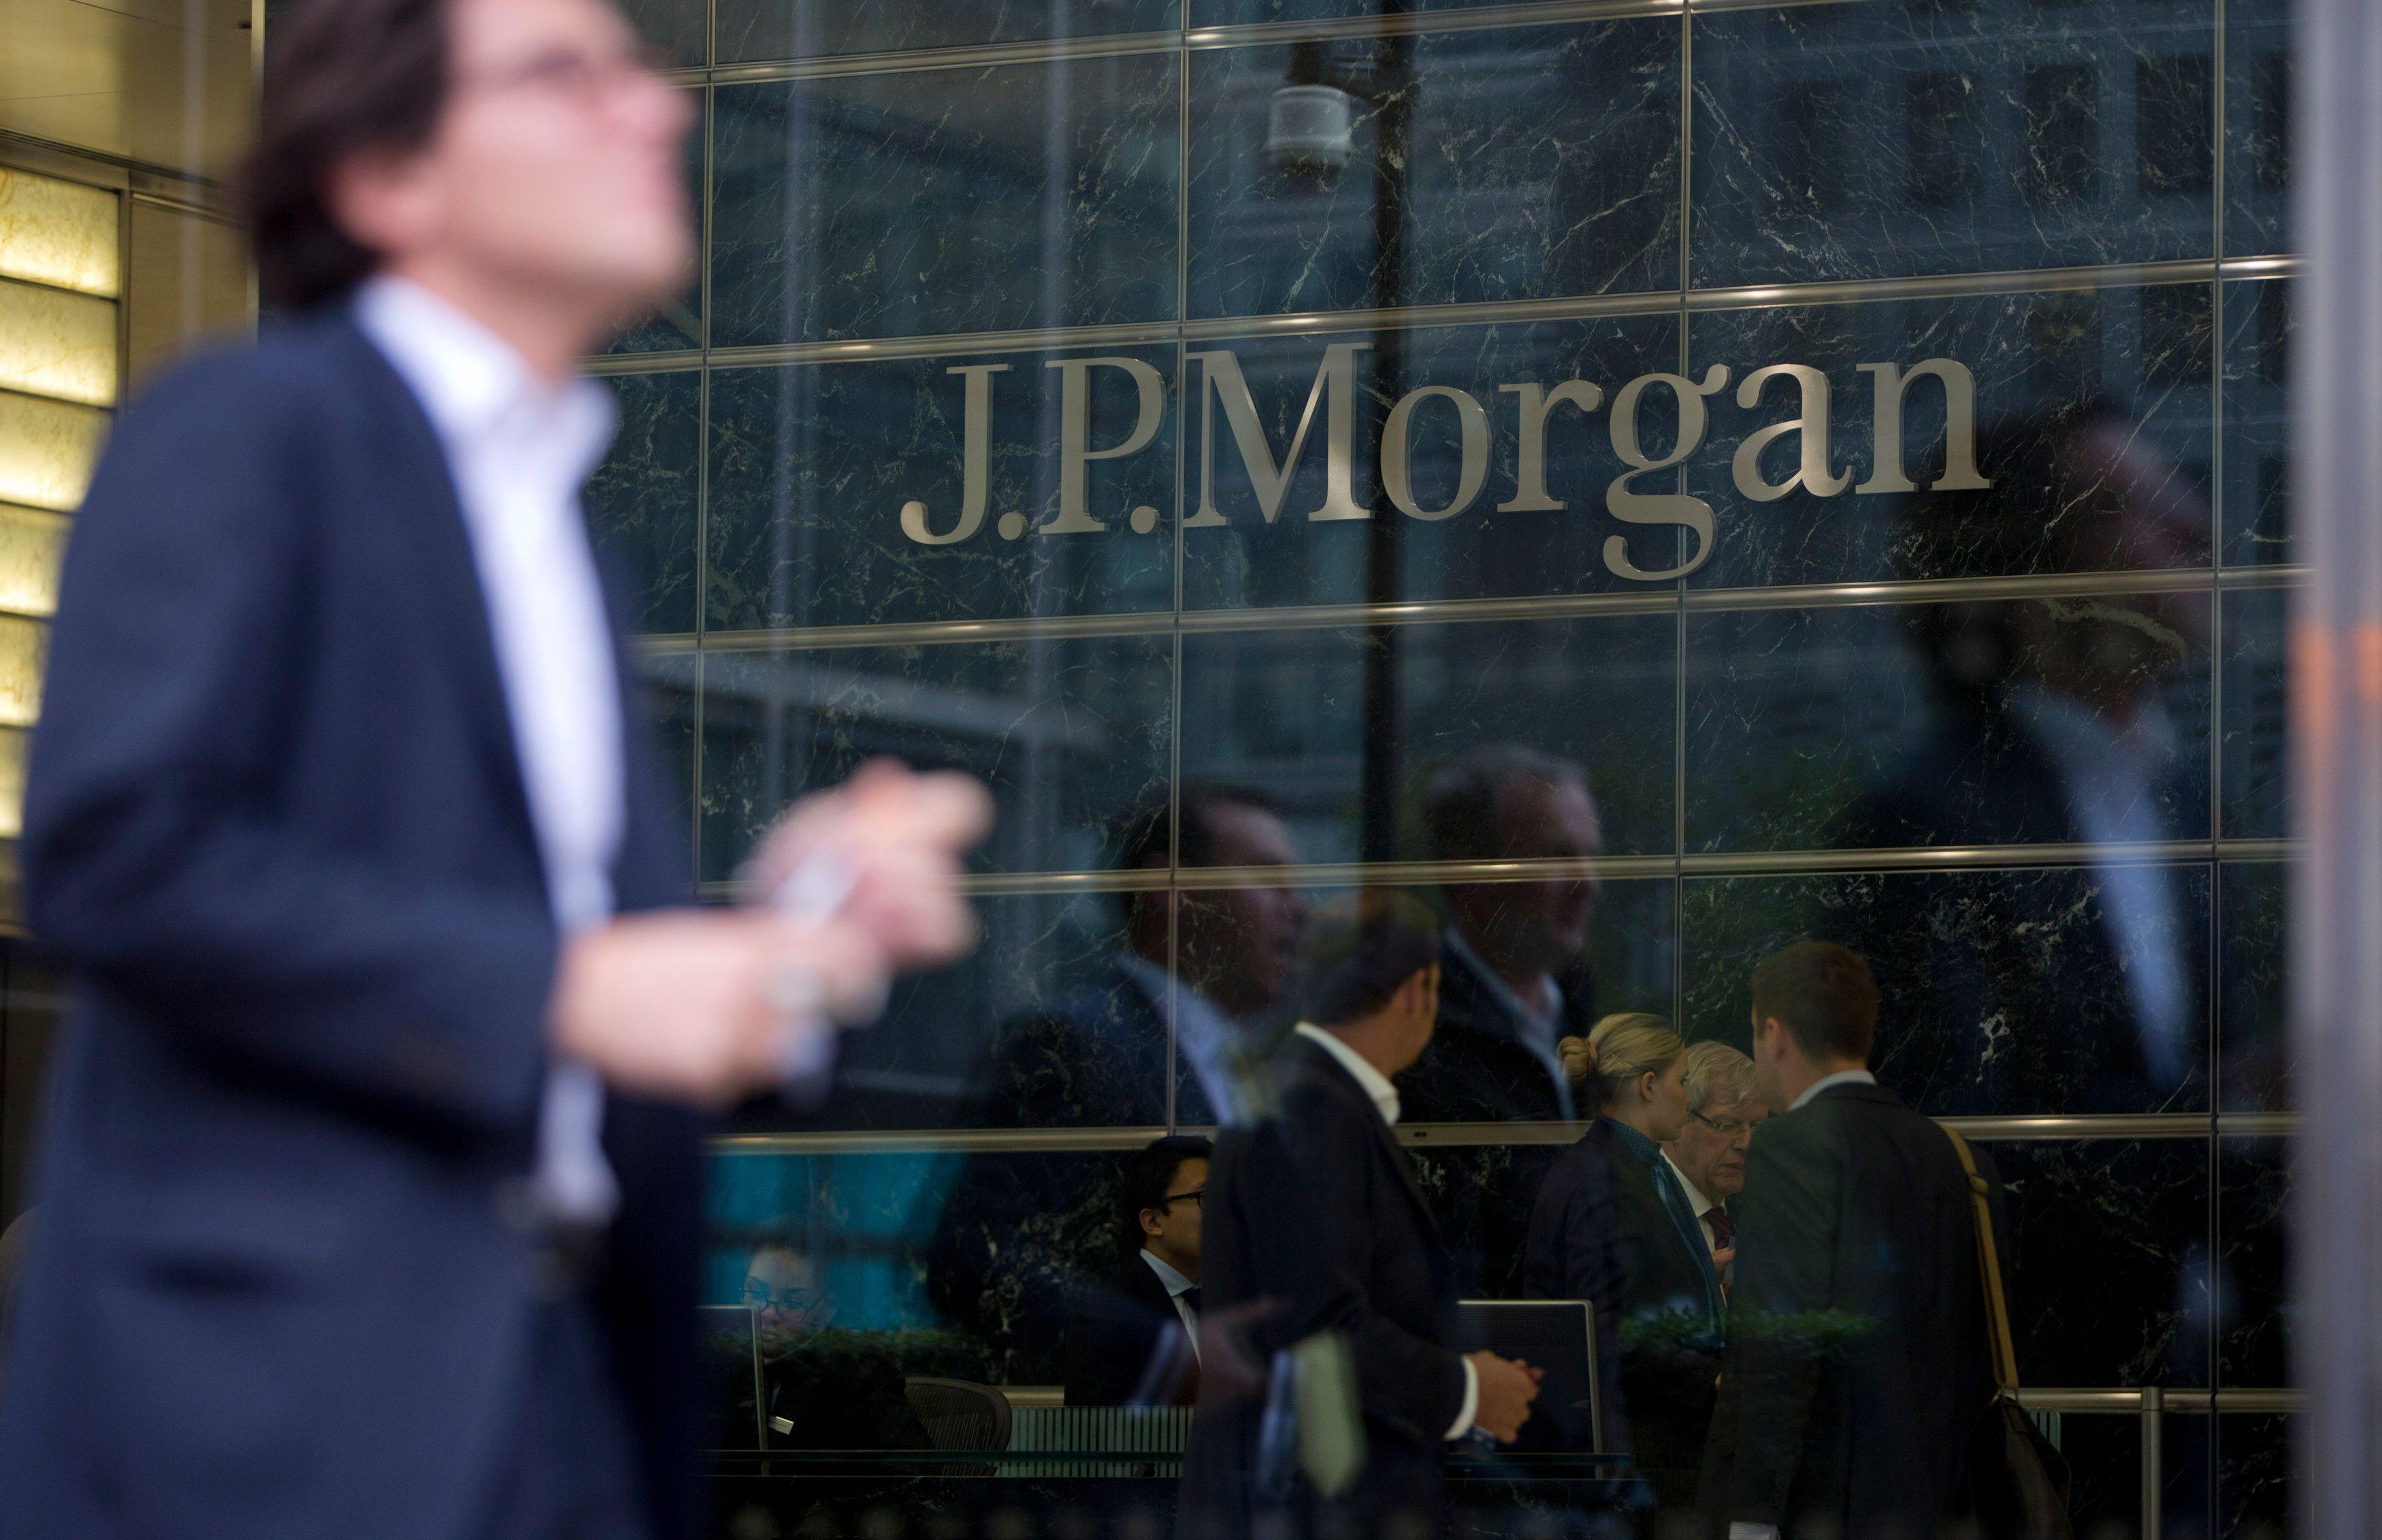 La banque s'est résignée à payer 13 milliards de dollars pour mettre un terme à de multiples poursuites judiciaires.